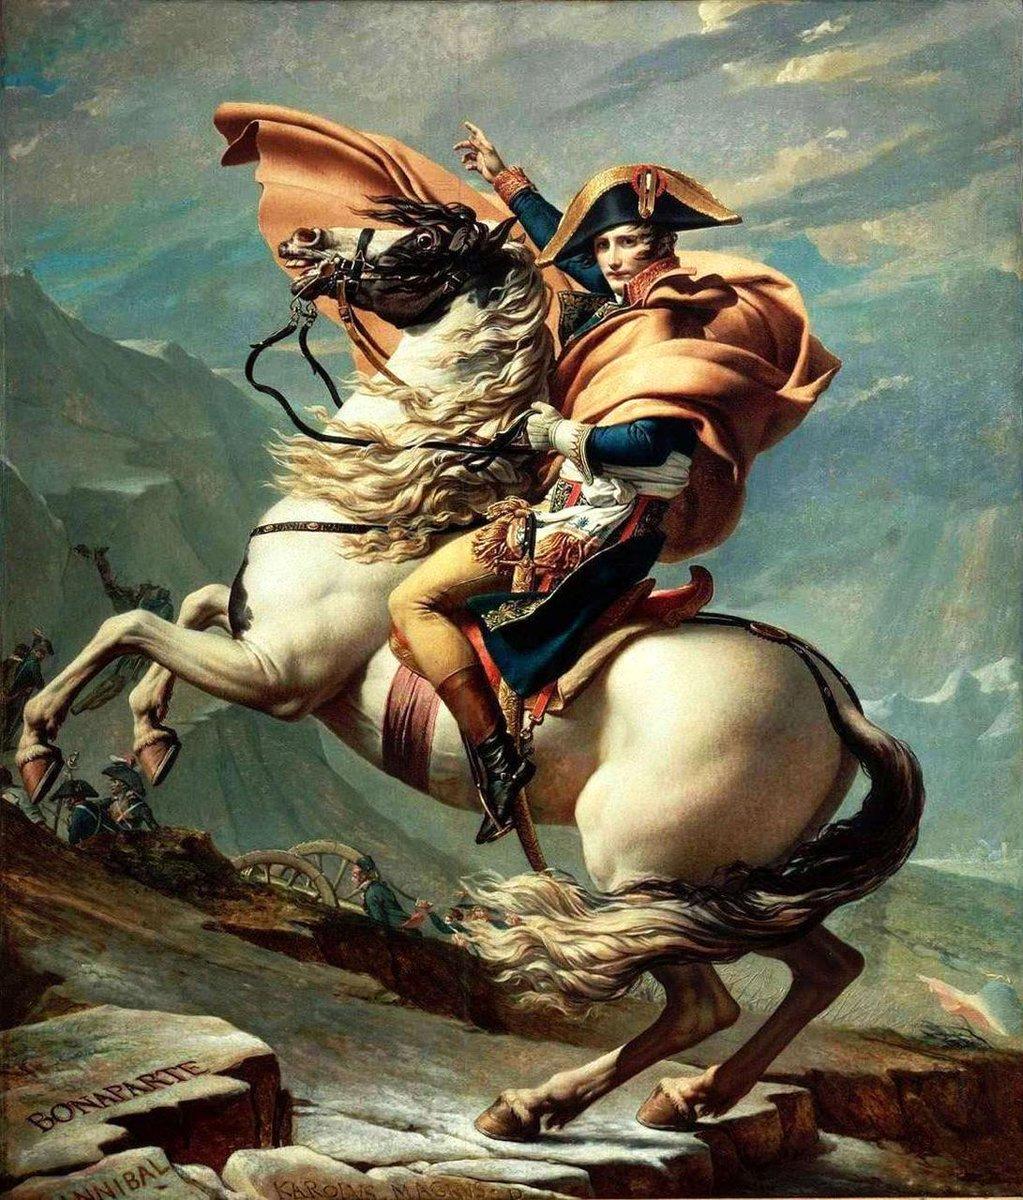 """لفقرة #ألوان اخترنا لكم اللوحة الشهيرة """"نابليون يعبر جبال الألب"""" للرسام جاك لوي ديفيد .. مع قصتها"""